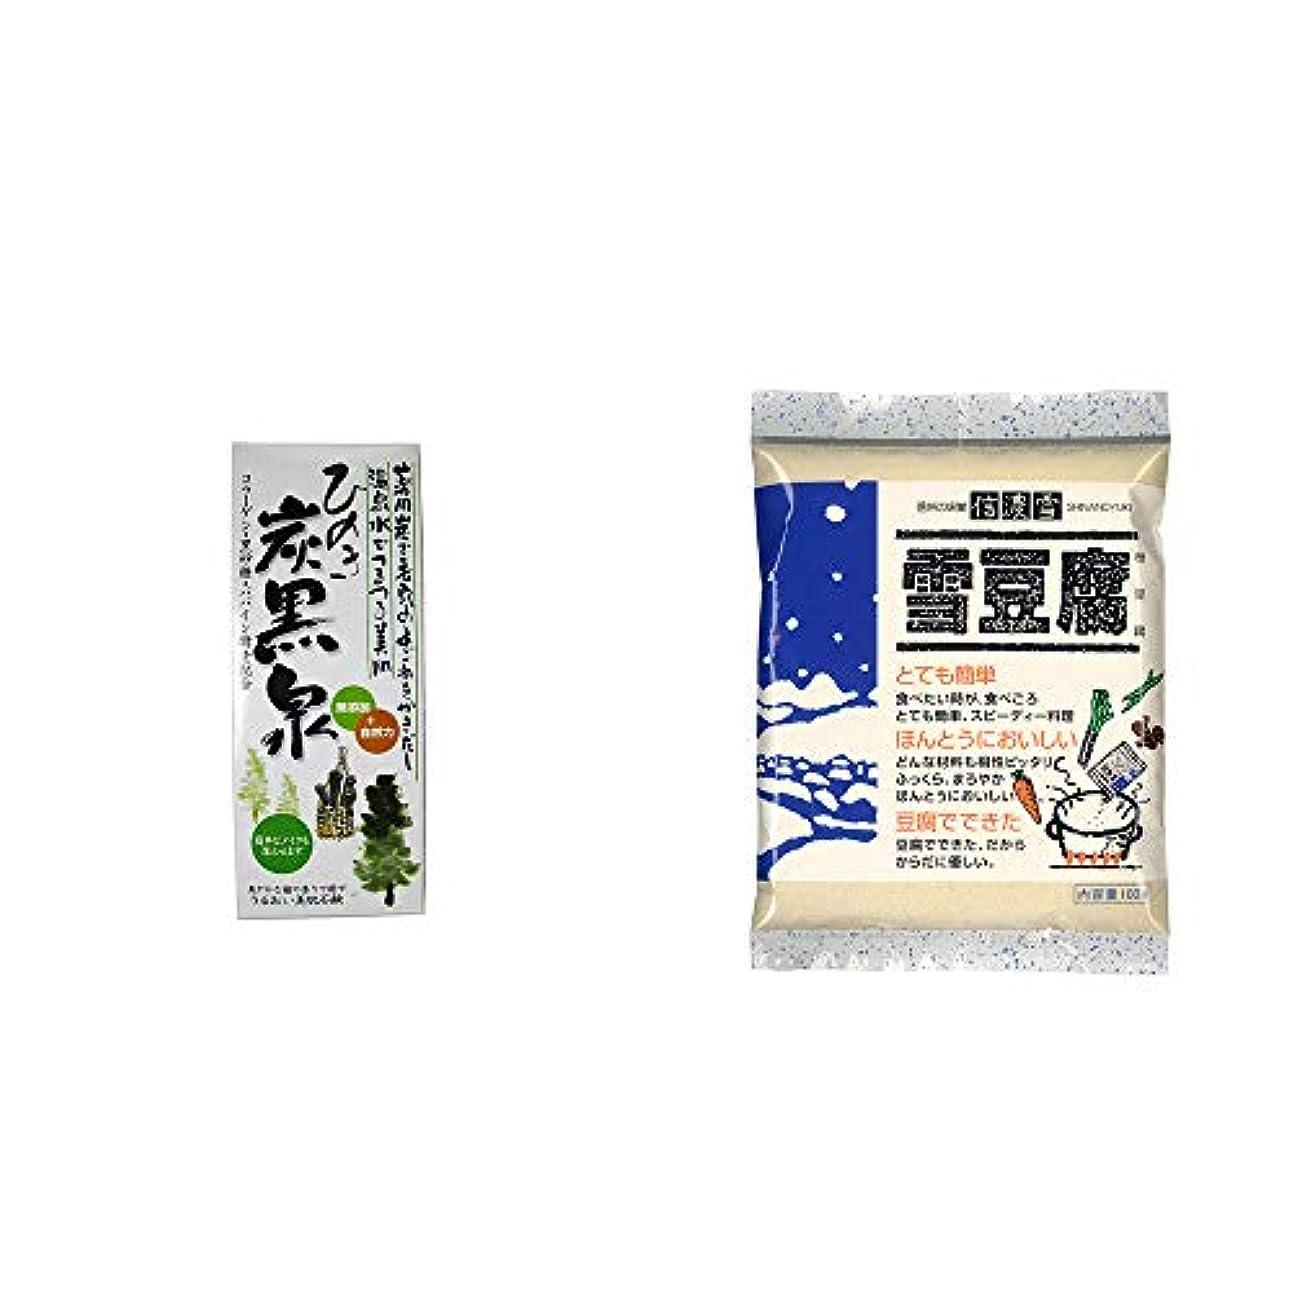 混乱させるリーガン軍団[2点セット] ひのき炭黒泉 箱入り(75g×3)?信濃雪 雪豆腐(粉豆腐)(100g)